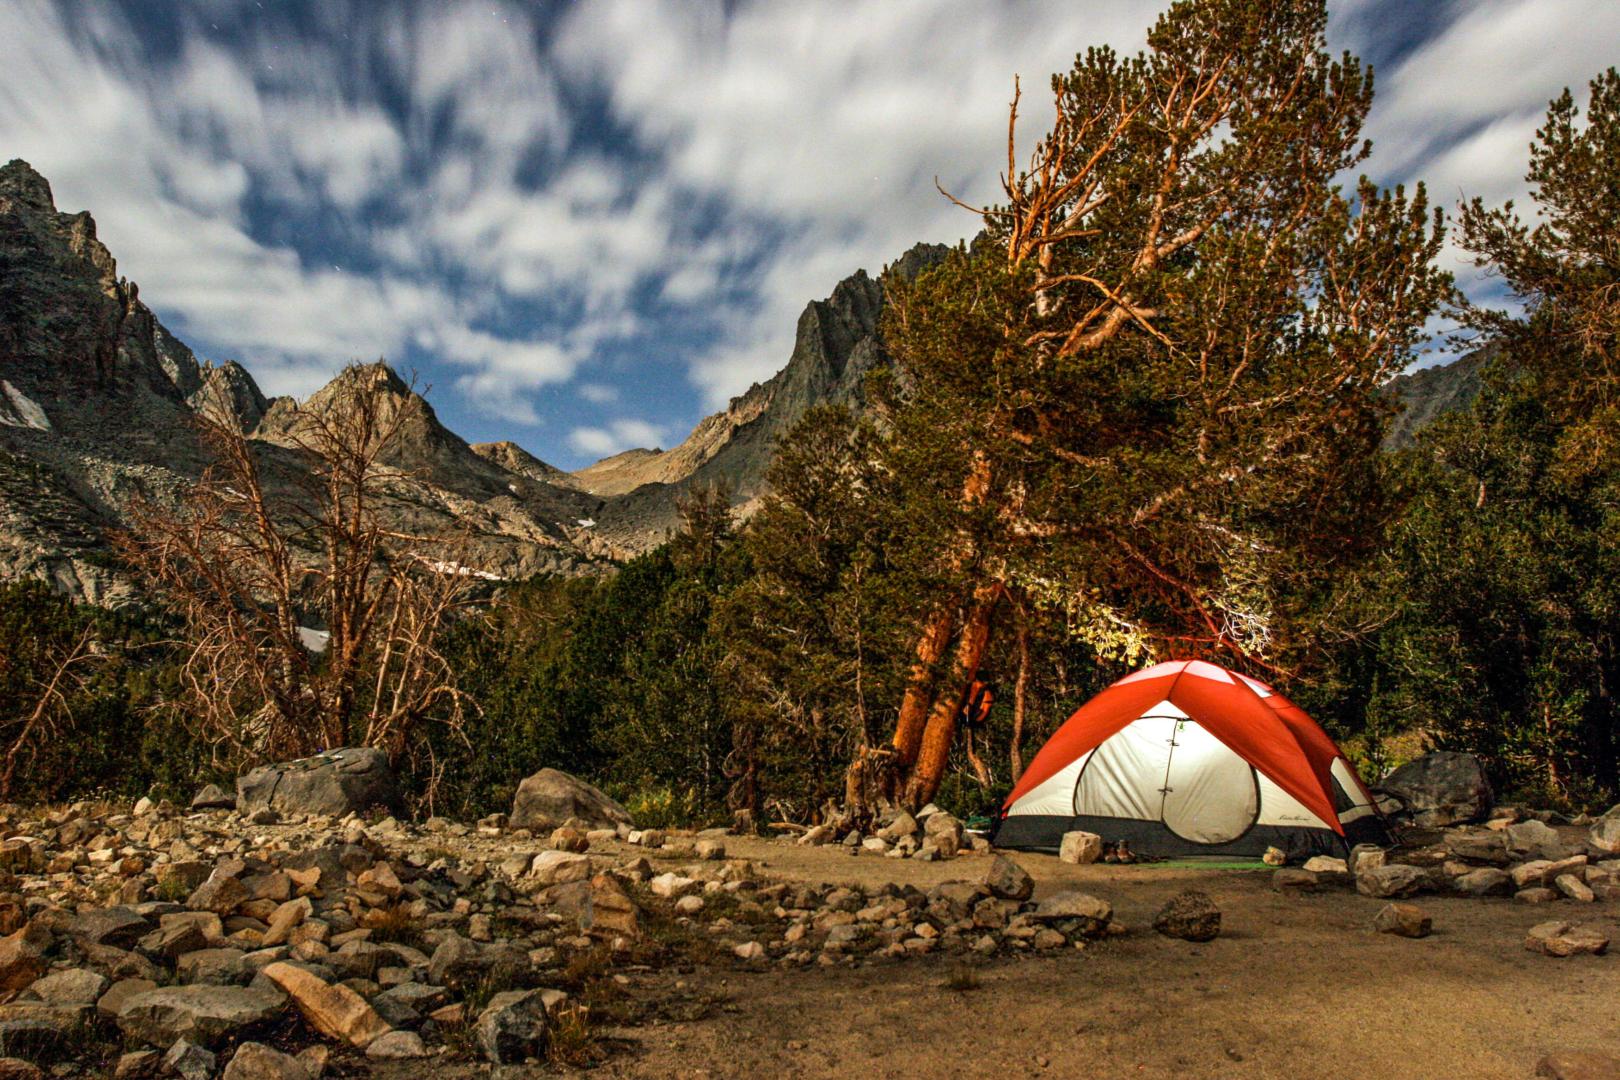 Epupa Camp - Lodge and camping at the Epupa Falls, Kunene